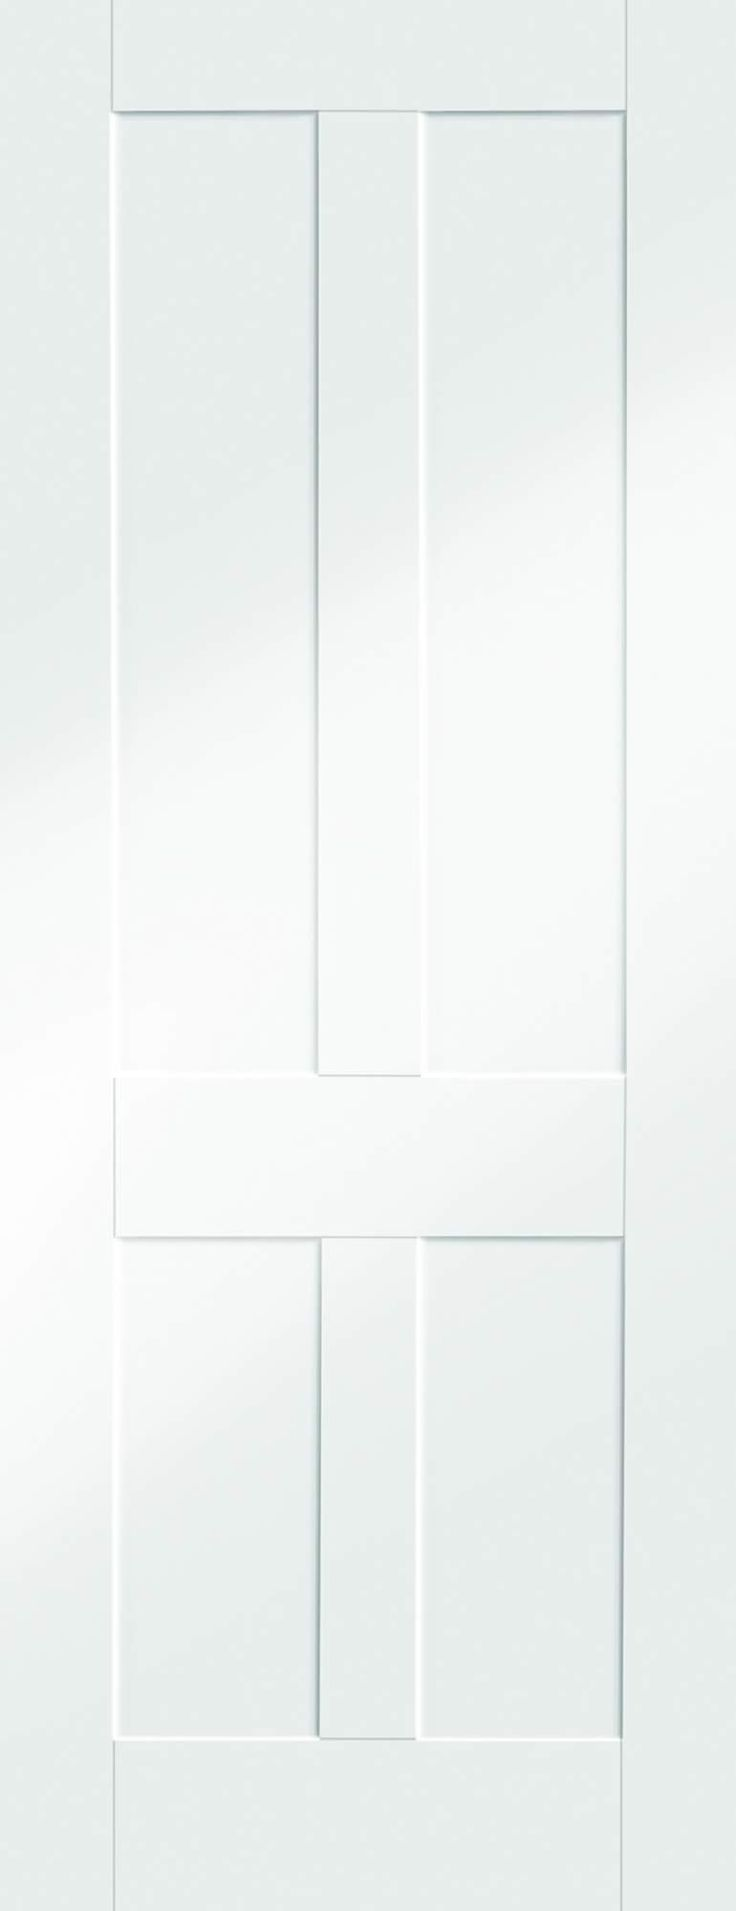 4 Panel White Interior Doors 8 best doors images on pinterest | fire doors, oak doors and